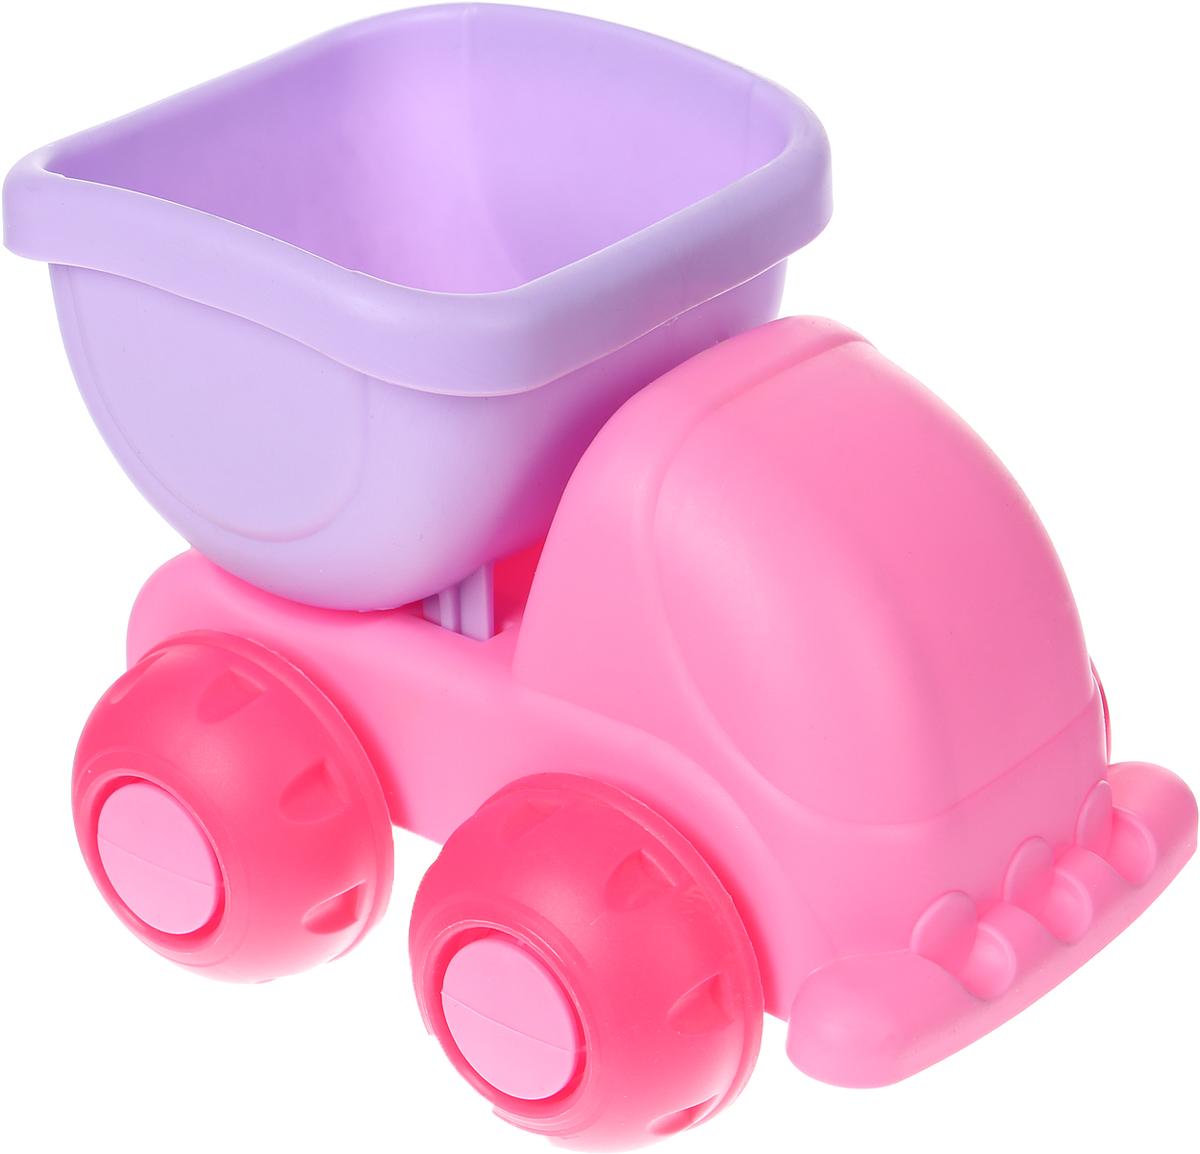 ЯиГрушка Игрушка для песочницы Машинка цвет розовый сиреневый песочницы